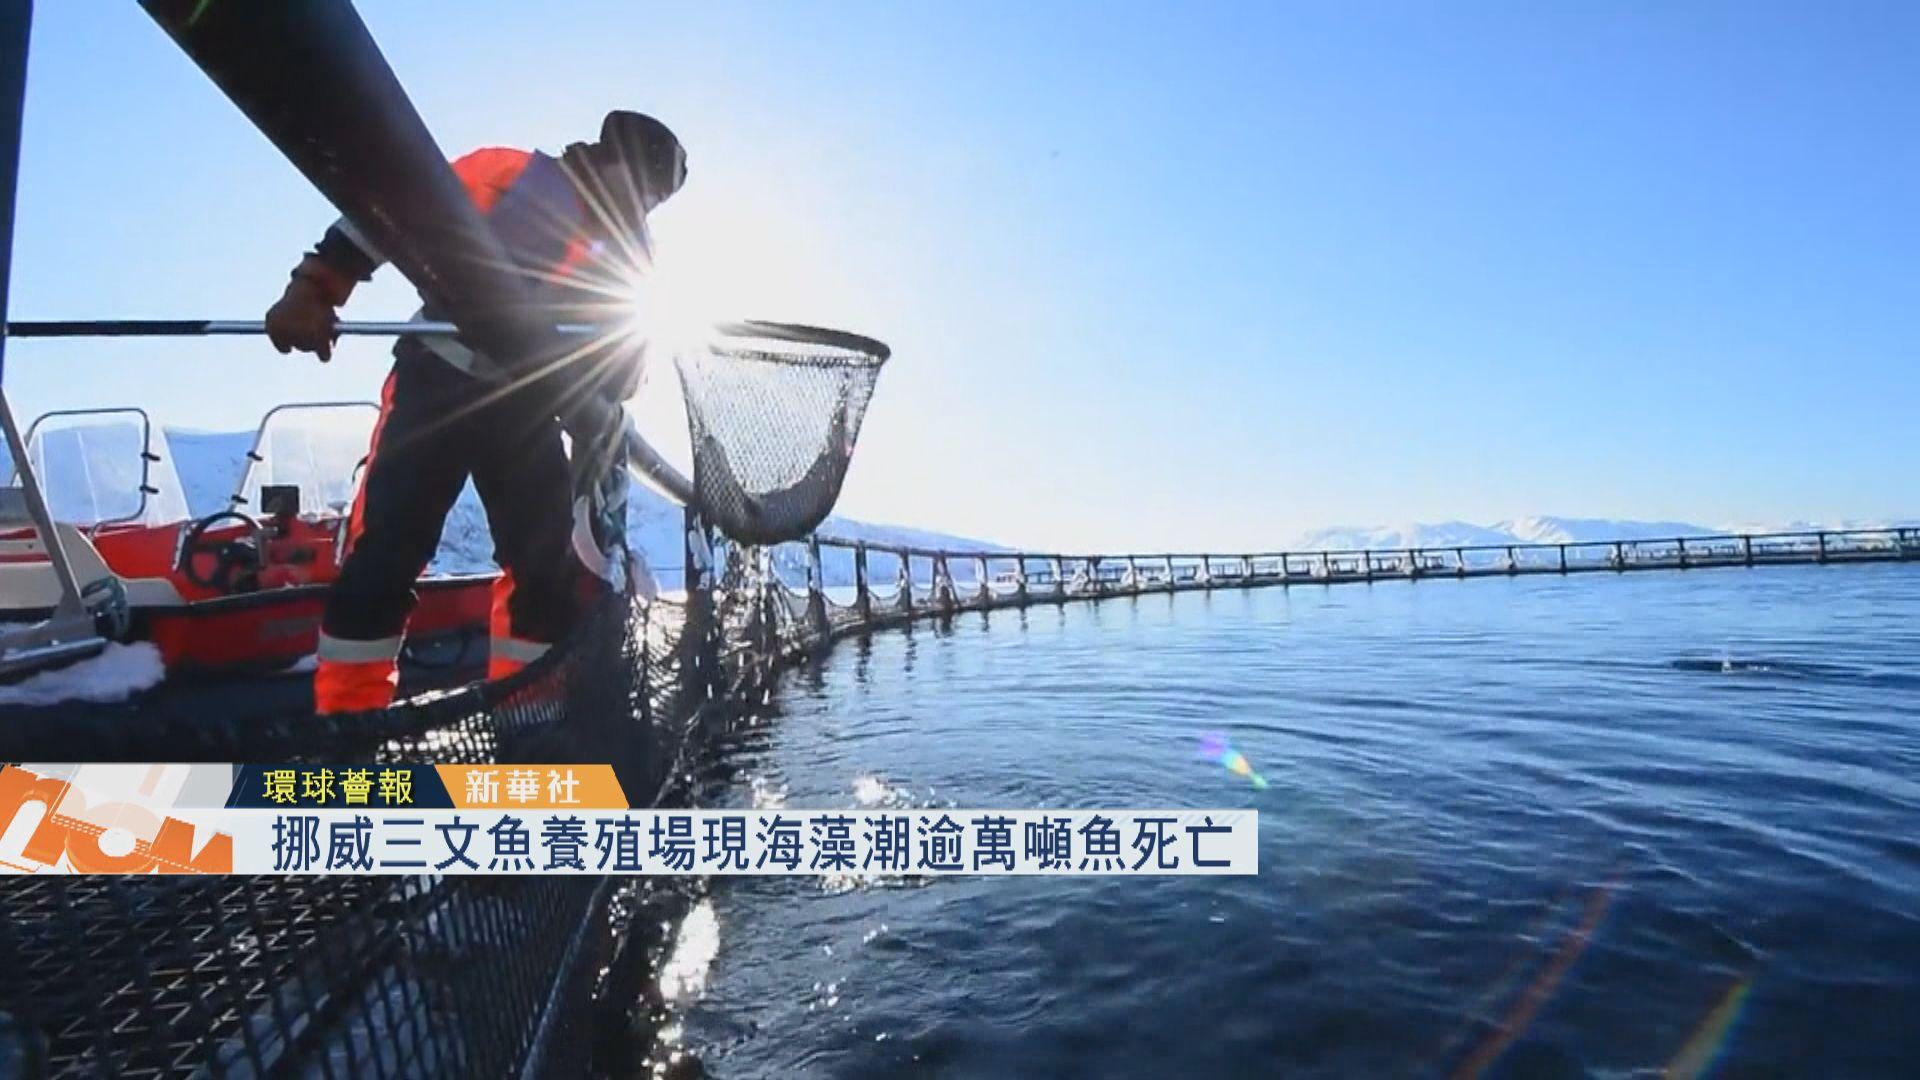 【環球薈報】挪威三文魚養殖場現海藻潮逾萬噸魚死亡